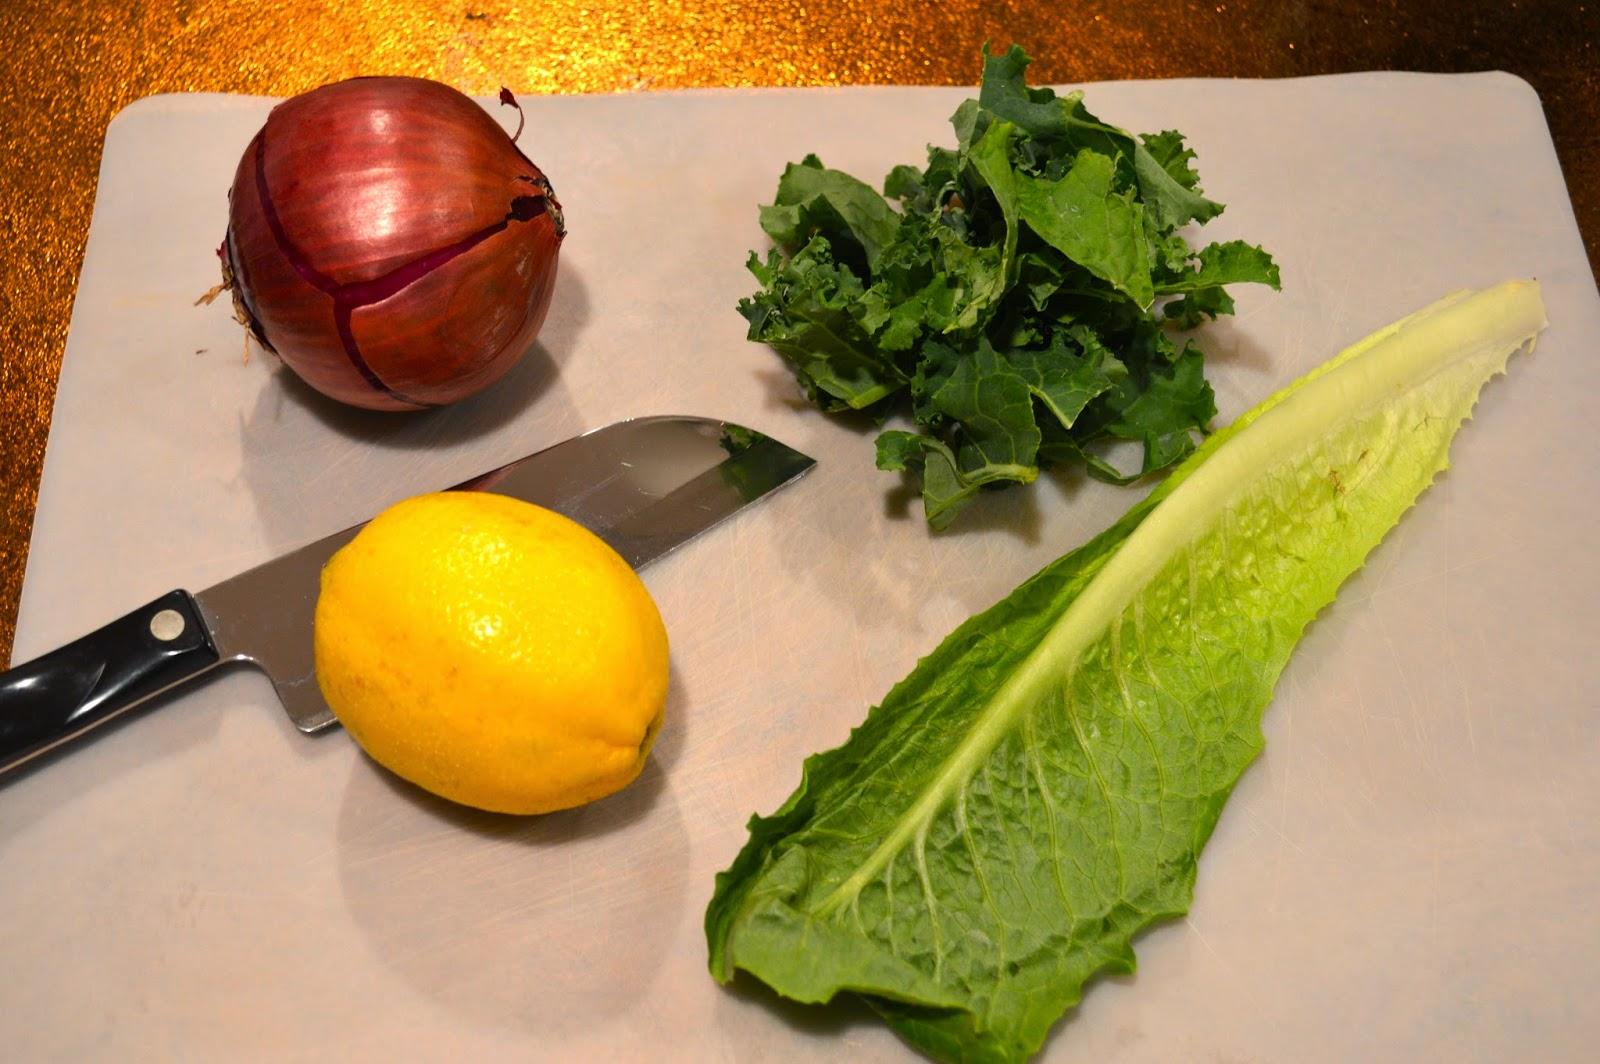 kale-caesar-salad-ingredients